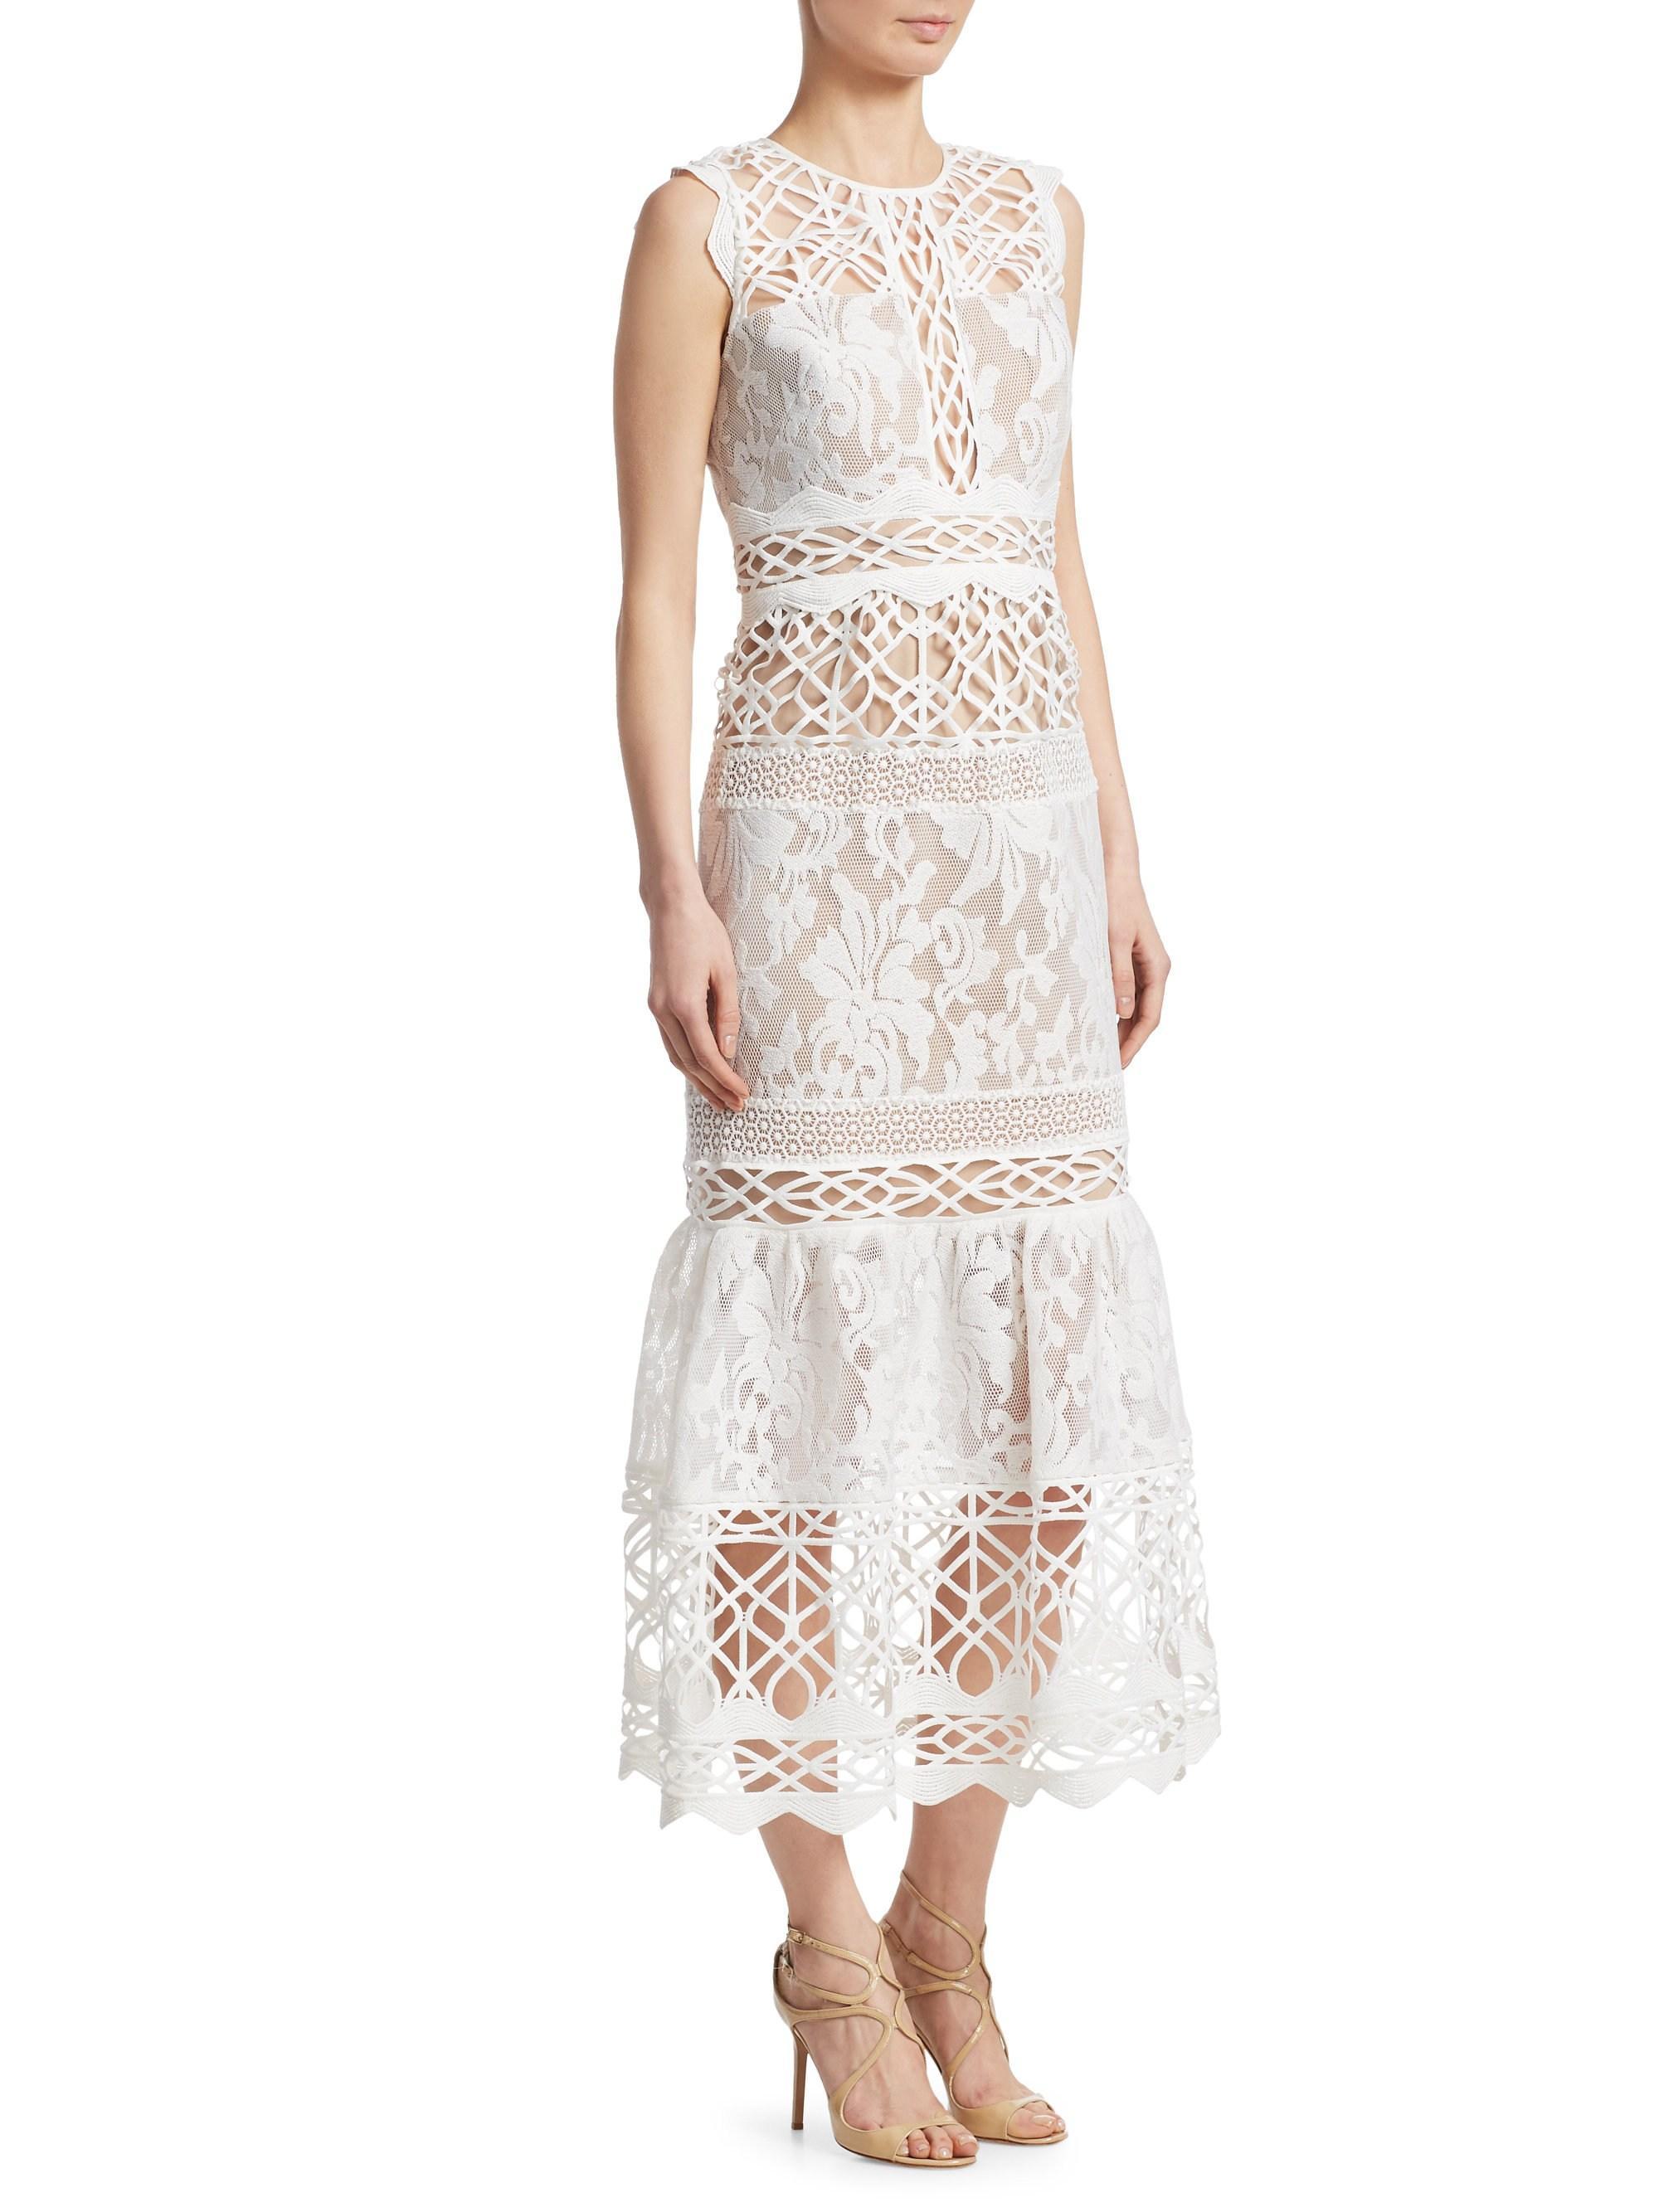 a83466852c5 Lyst - ML Monique Lhuillier Floral Lace Dress in White